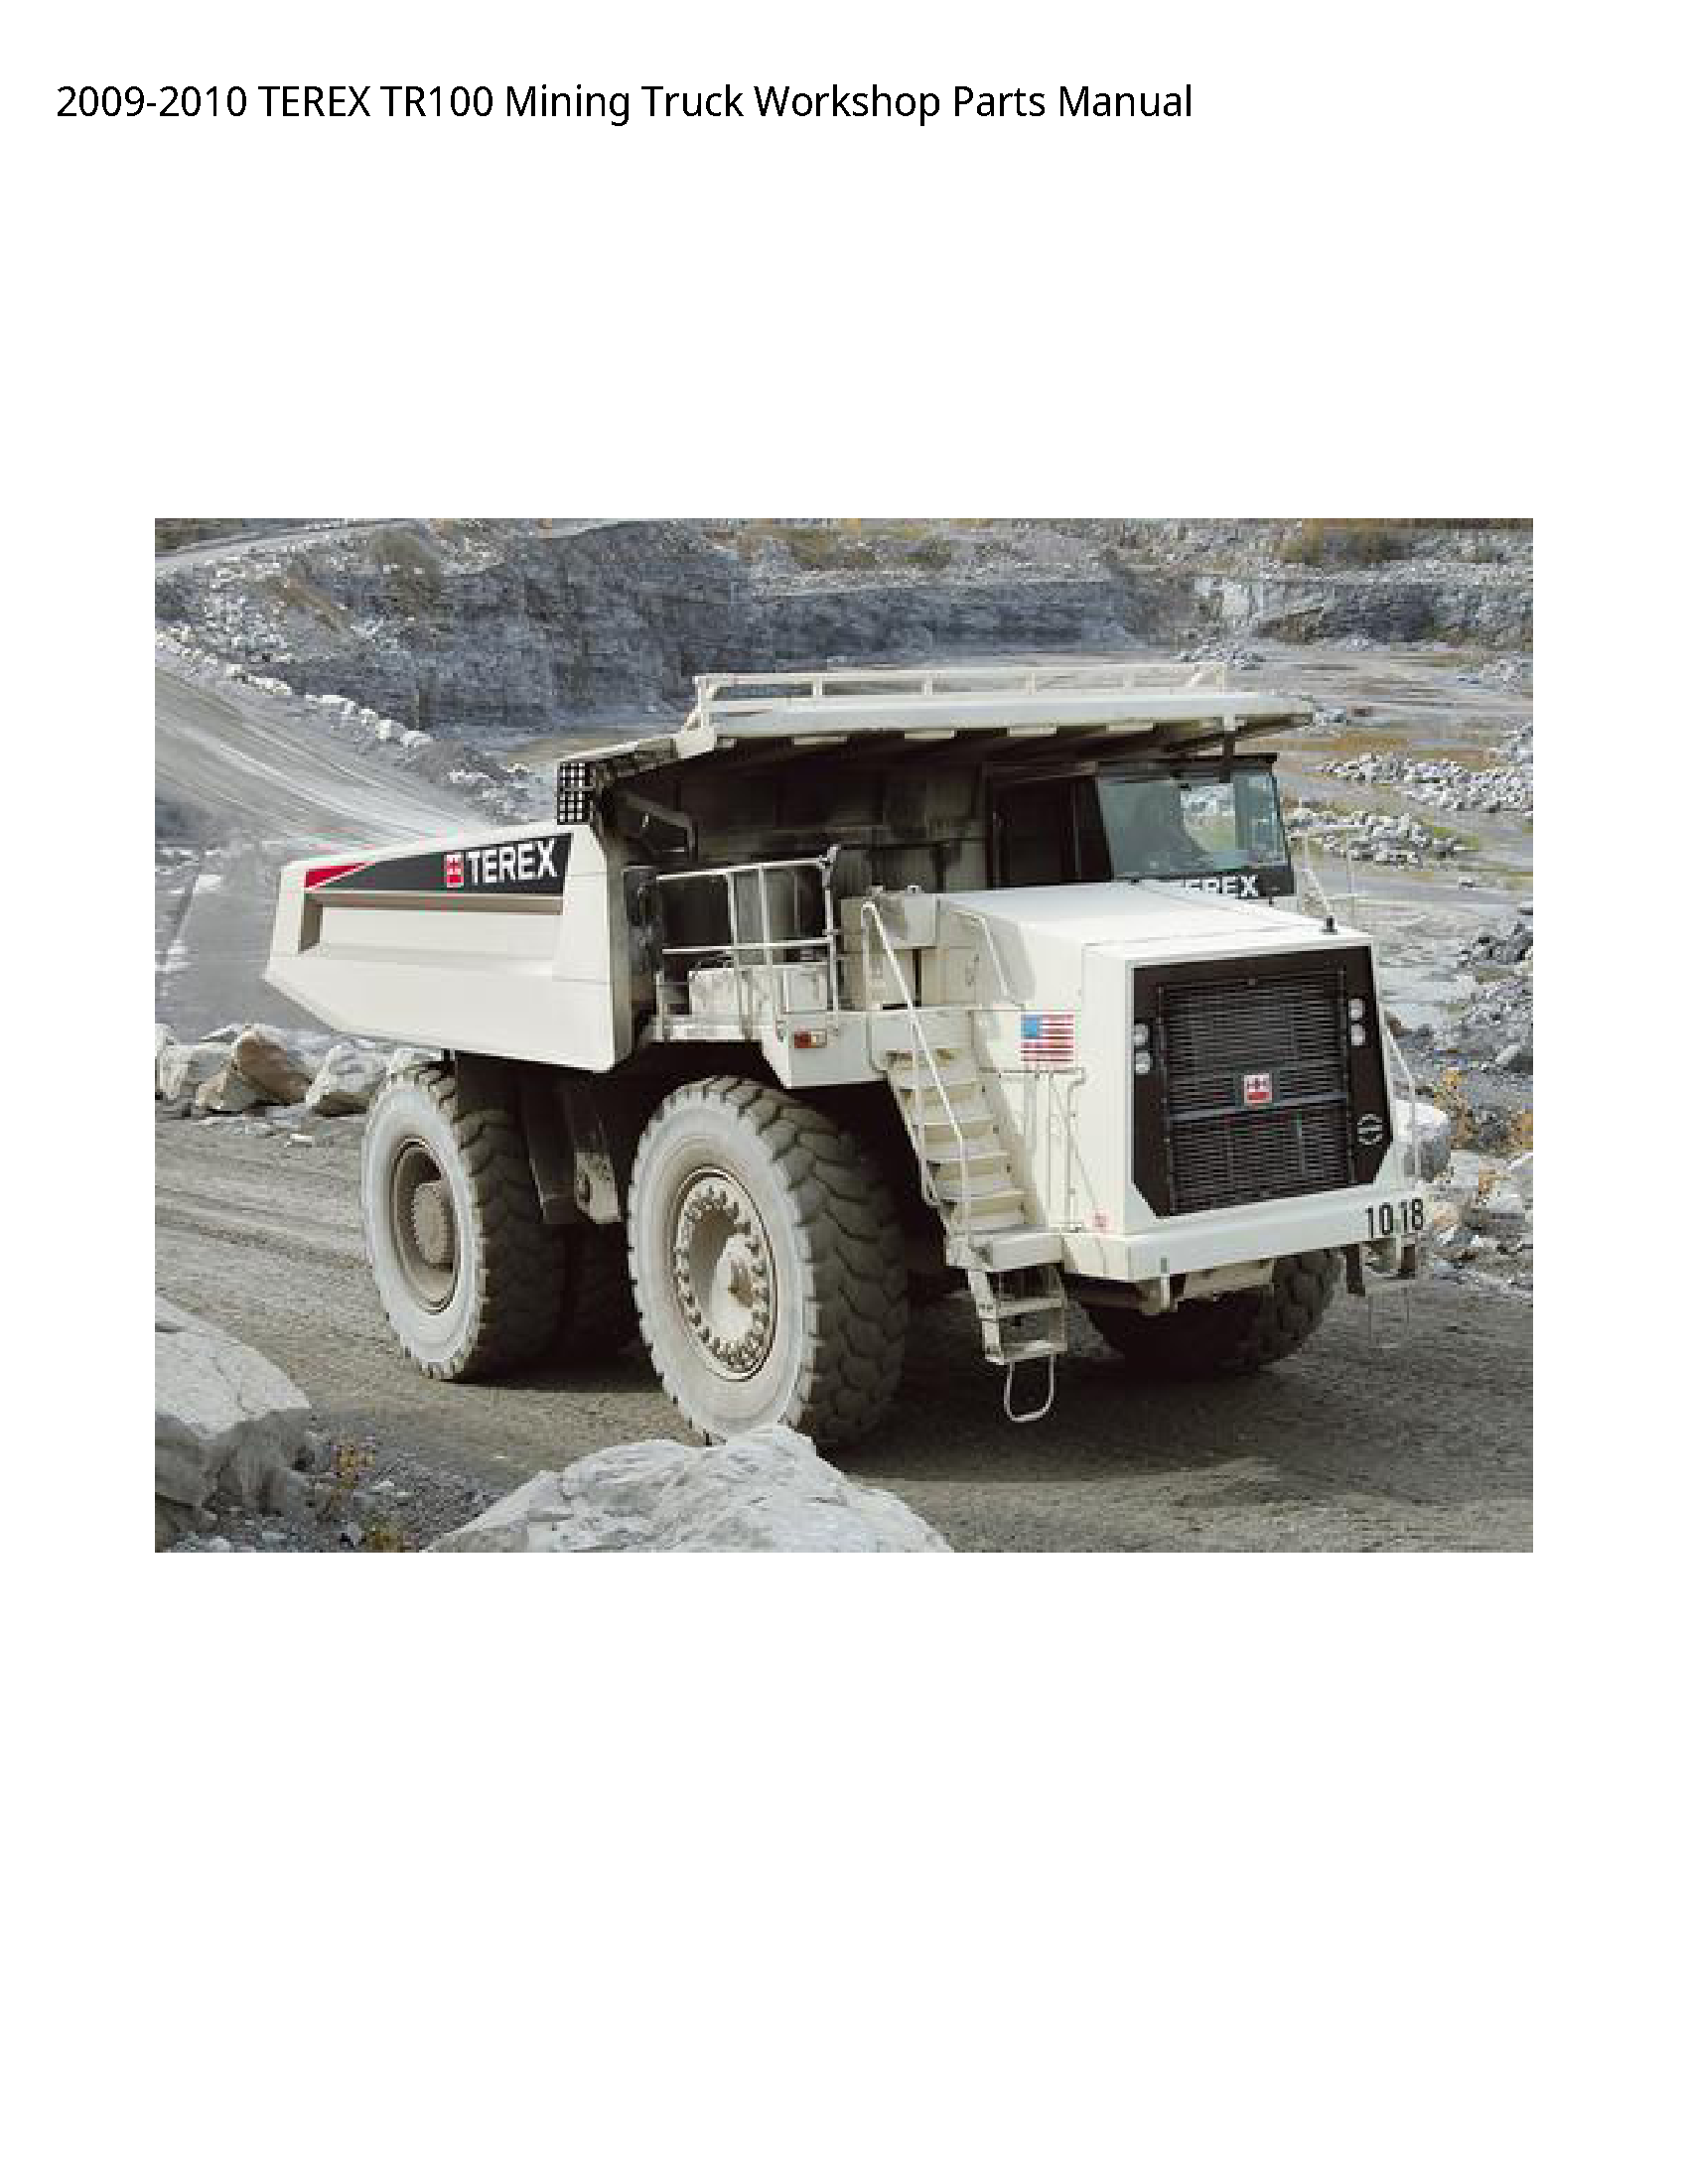 Terex TR100 Mining Truck Parts manual